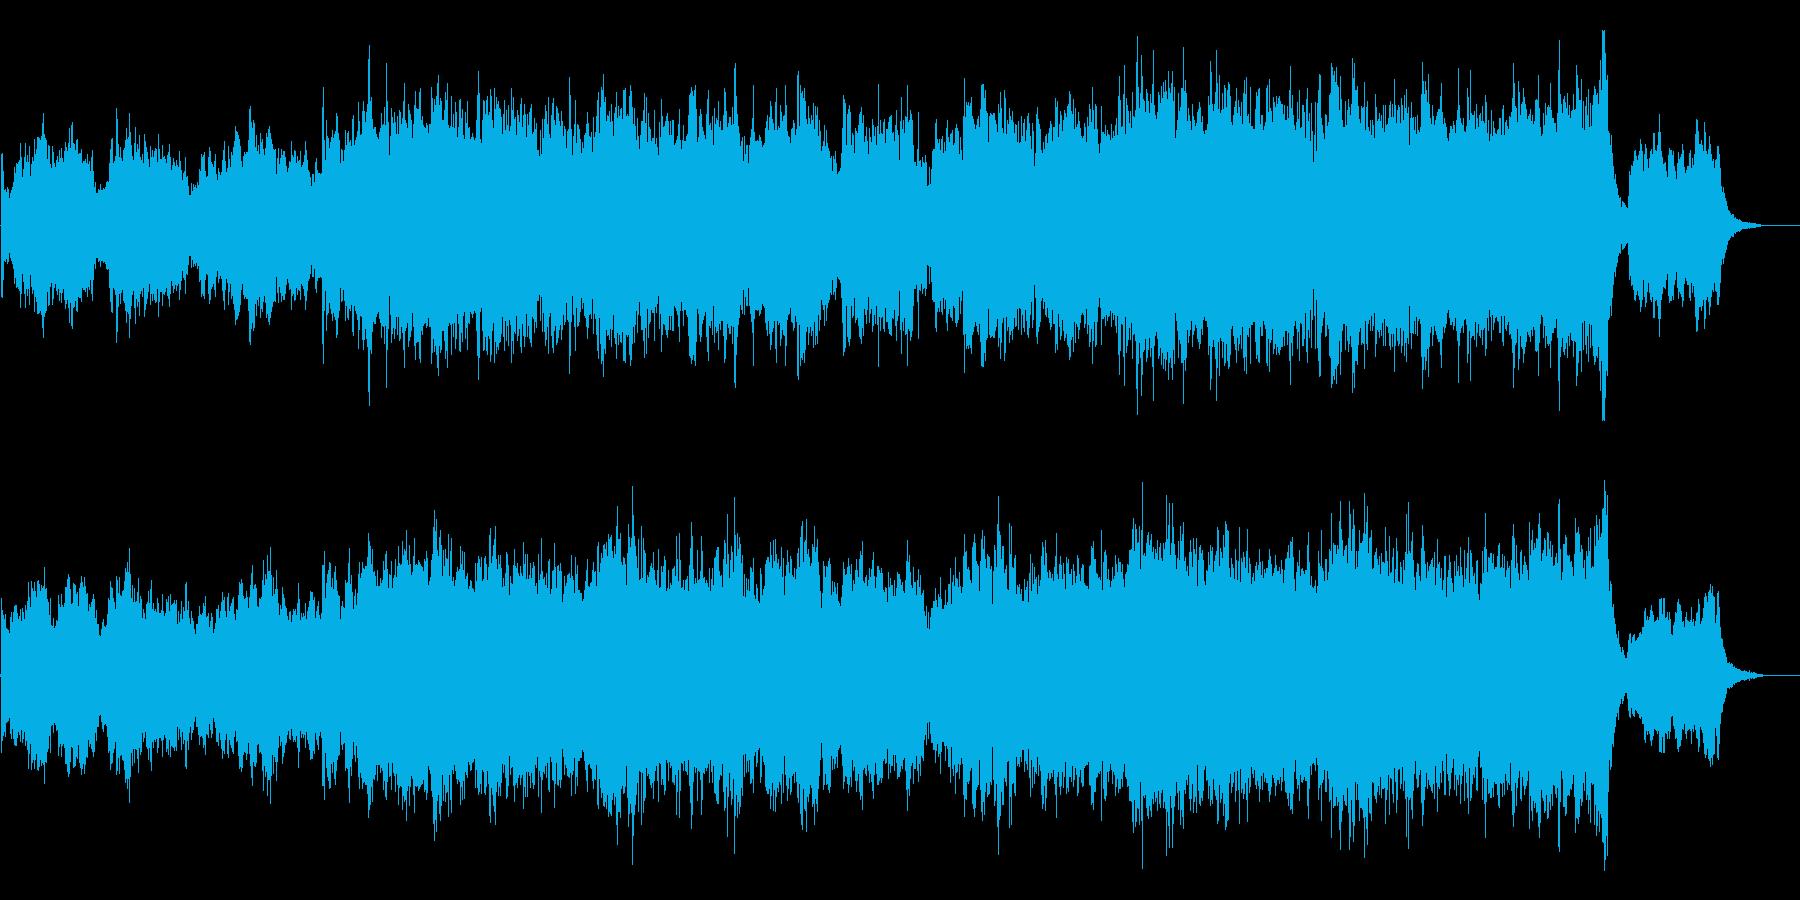 壮大で響きにインパクトのあるメロディーの再生済みの波形